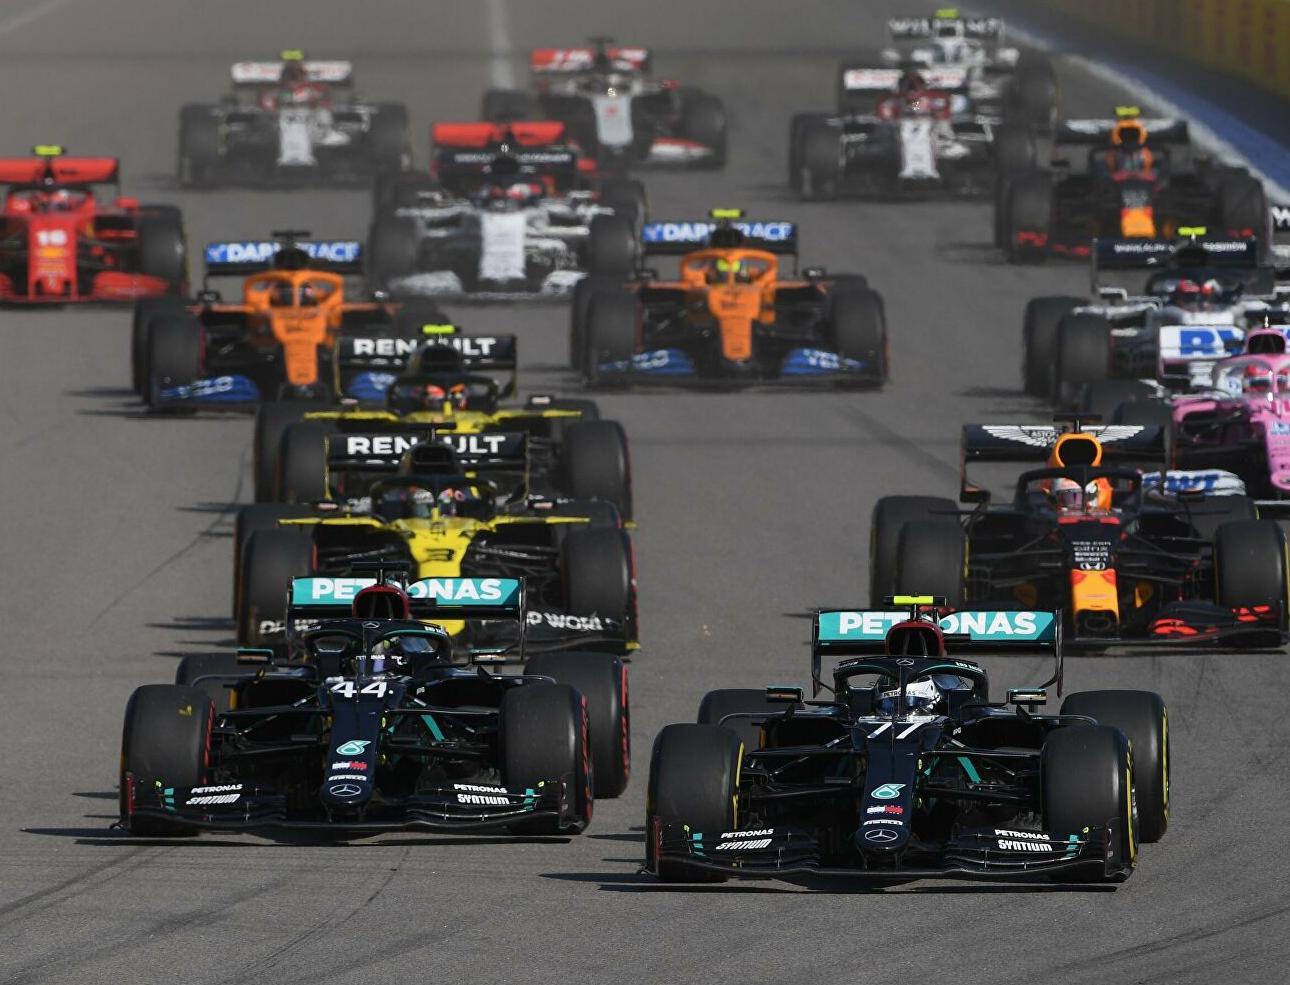 На соревнованиях Формулы-1 не будет пластиковых бутылок для воды